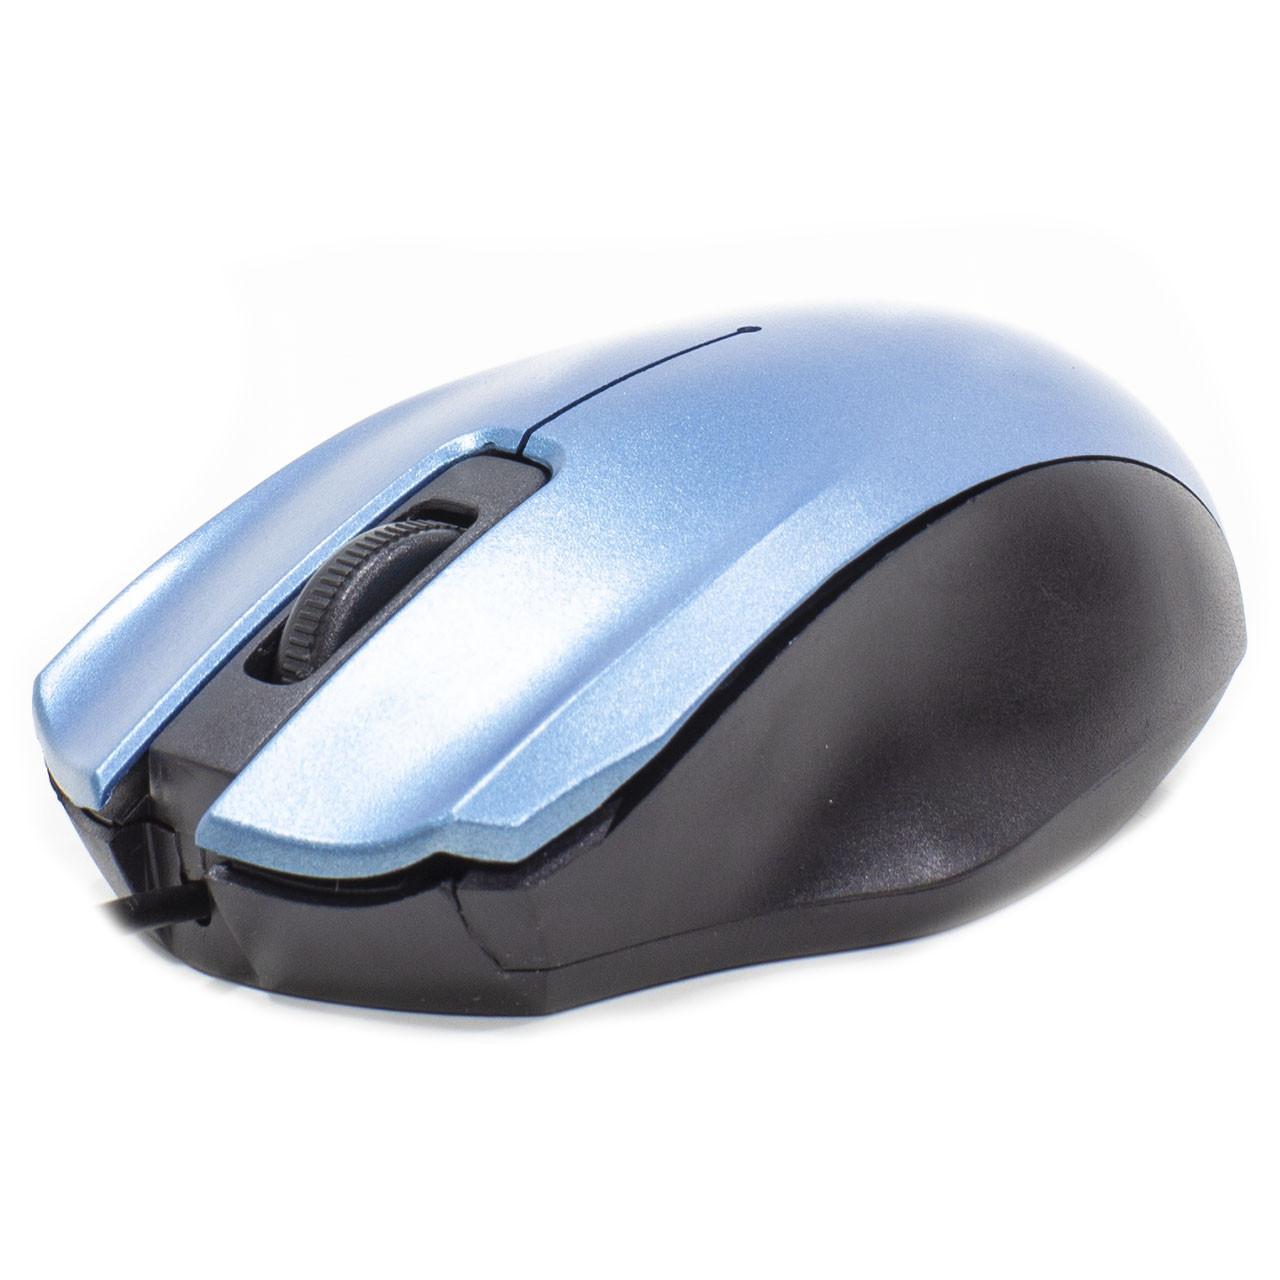 Проводная мышь Apedra M4 Blue оптическая USB 3 кнопки dpi 1000 Точек на дюйм 1,2 m